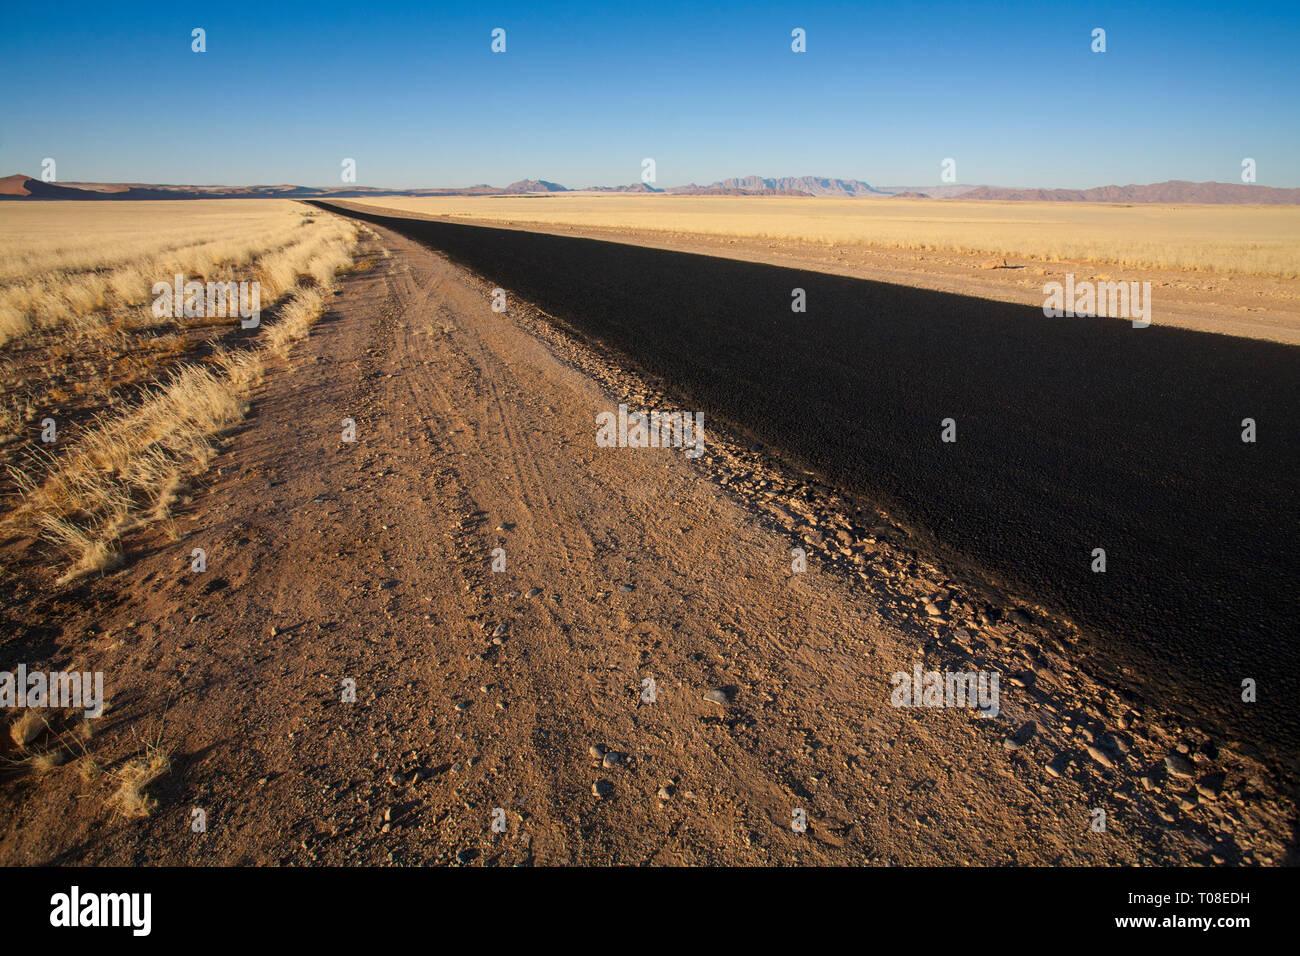 Africa, Namibia, Namib Desert. Road across empty desert plain. - Stock Image